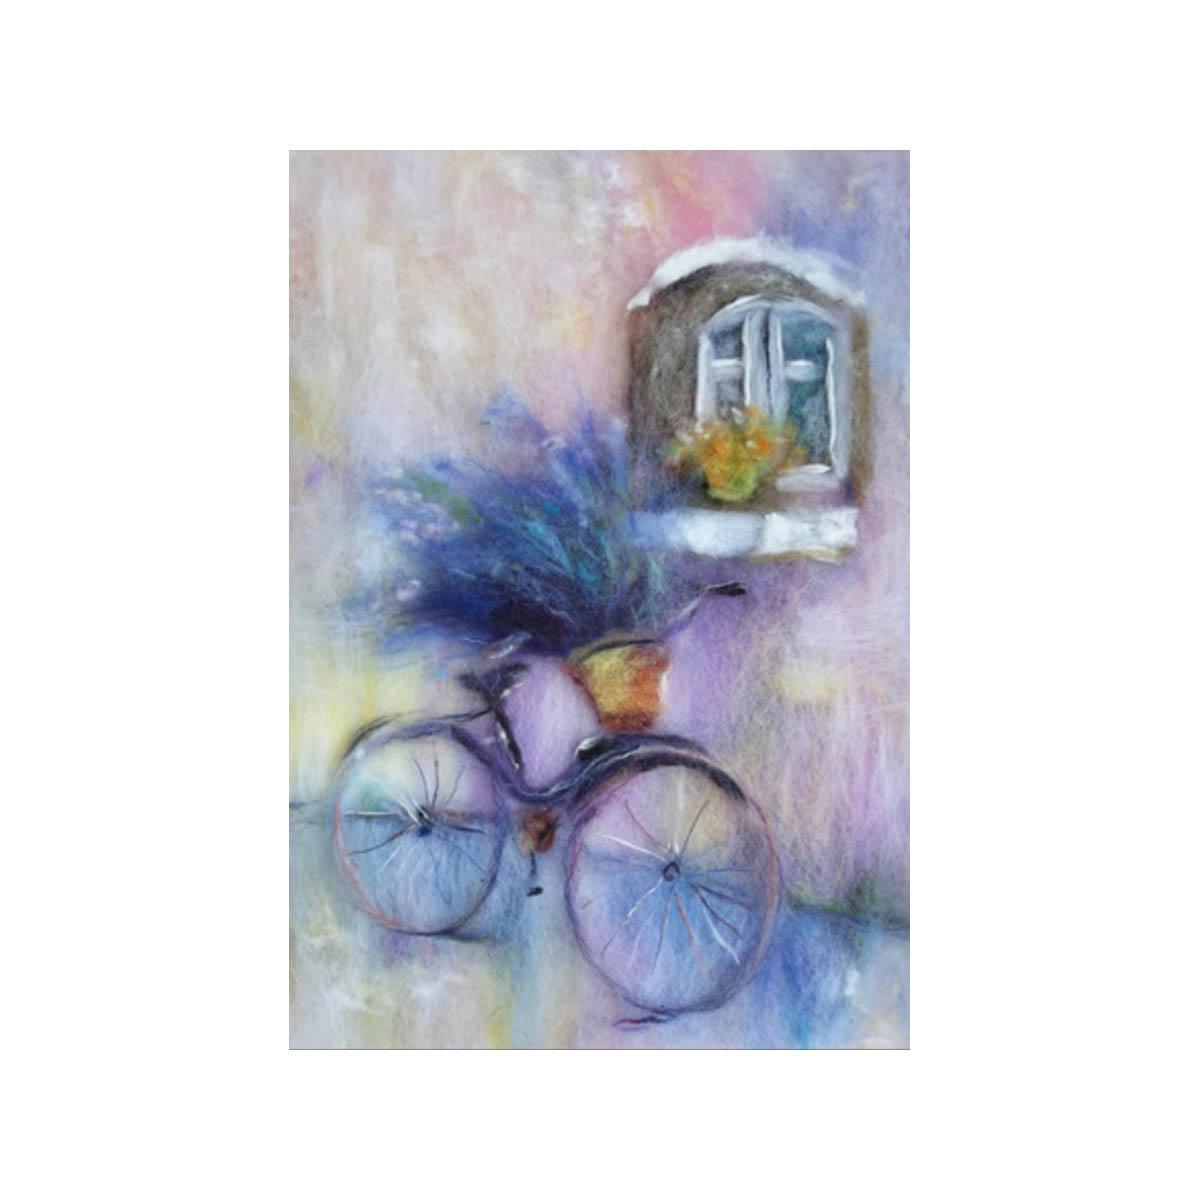 Набор для валяния (живопись цветной шерстью) 'Лаванда' 21x29,7см (А4)